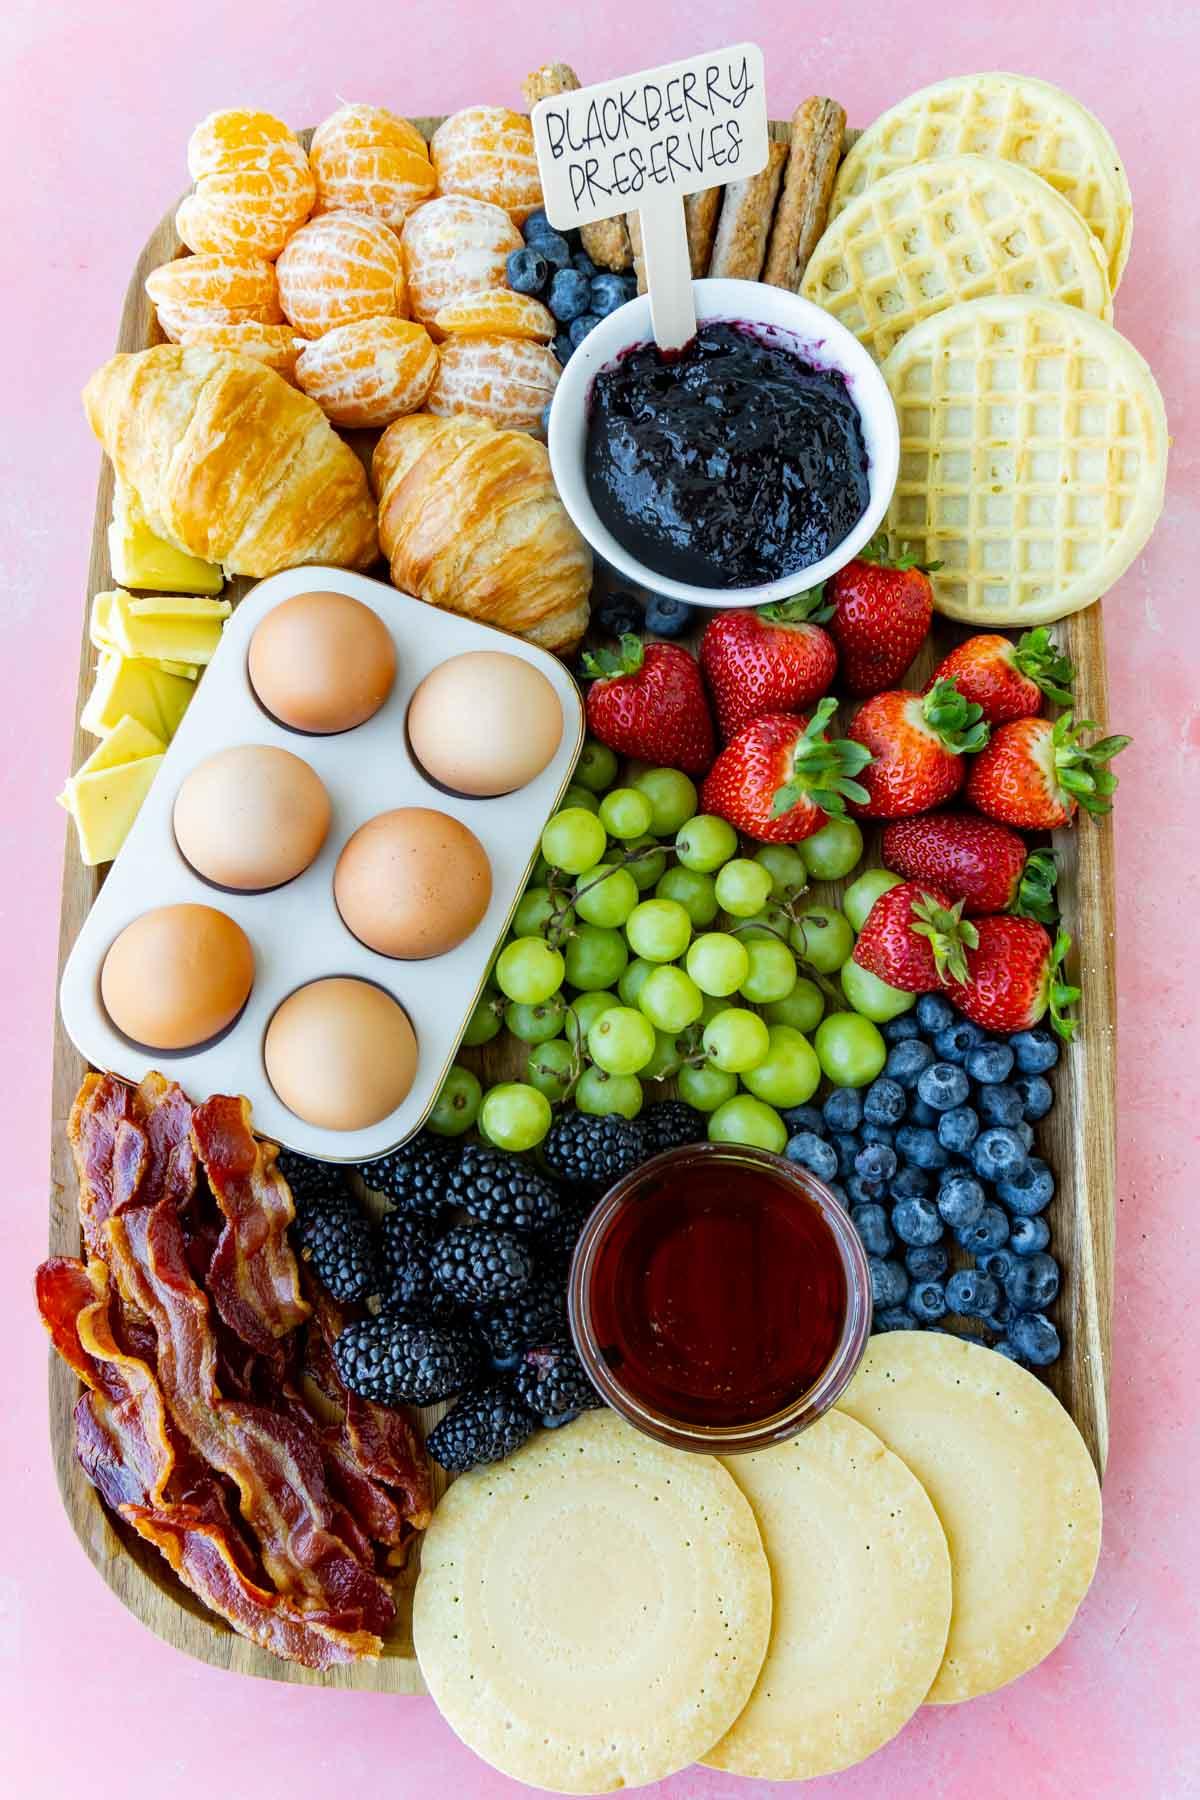 Breakfast charcuterie board with meats